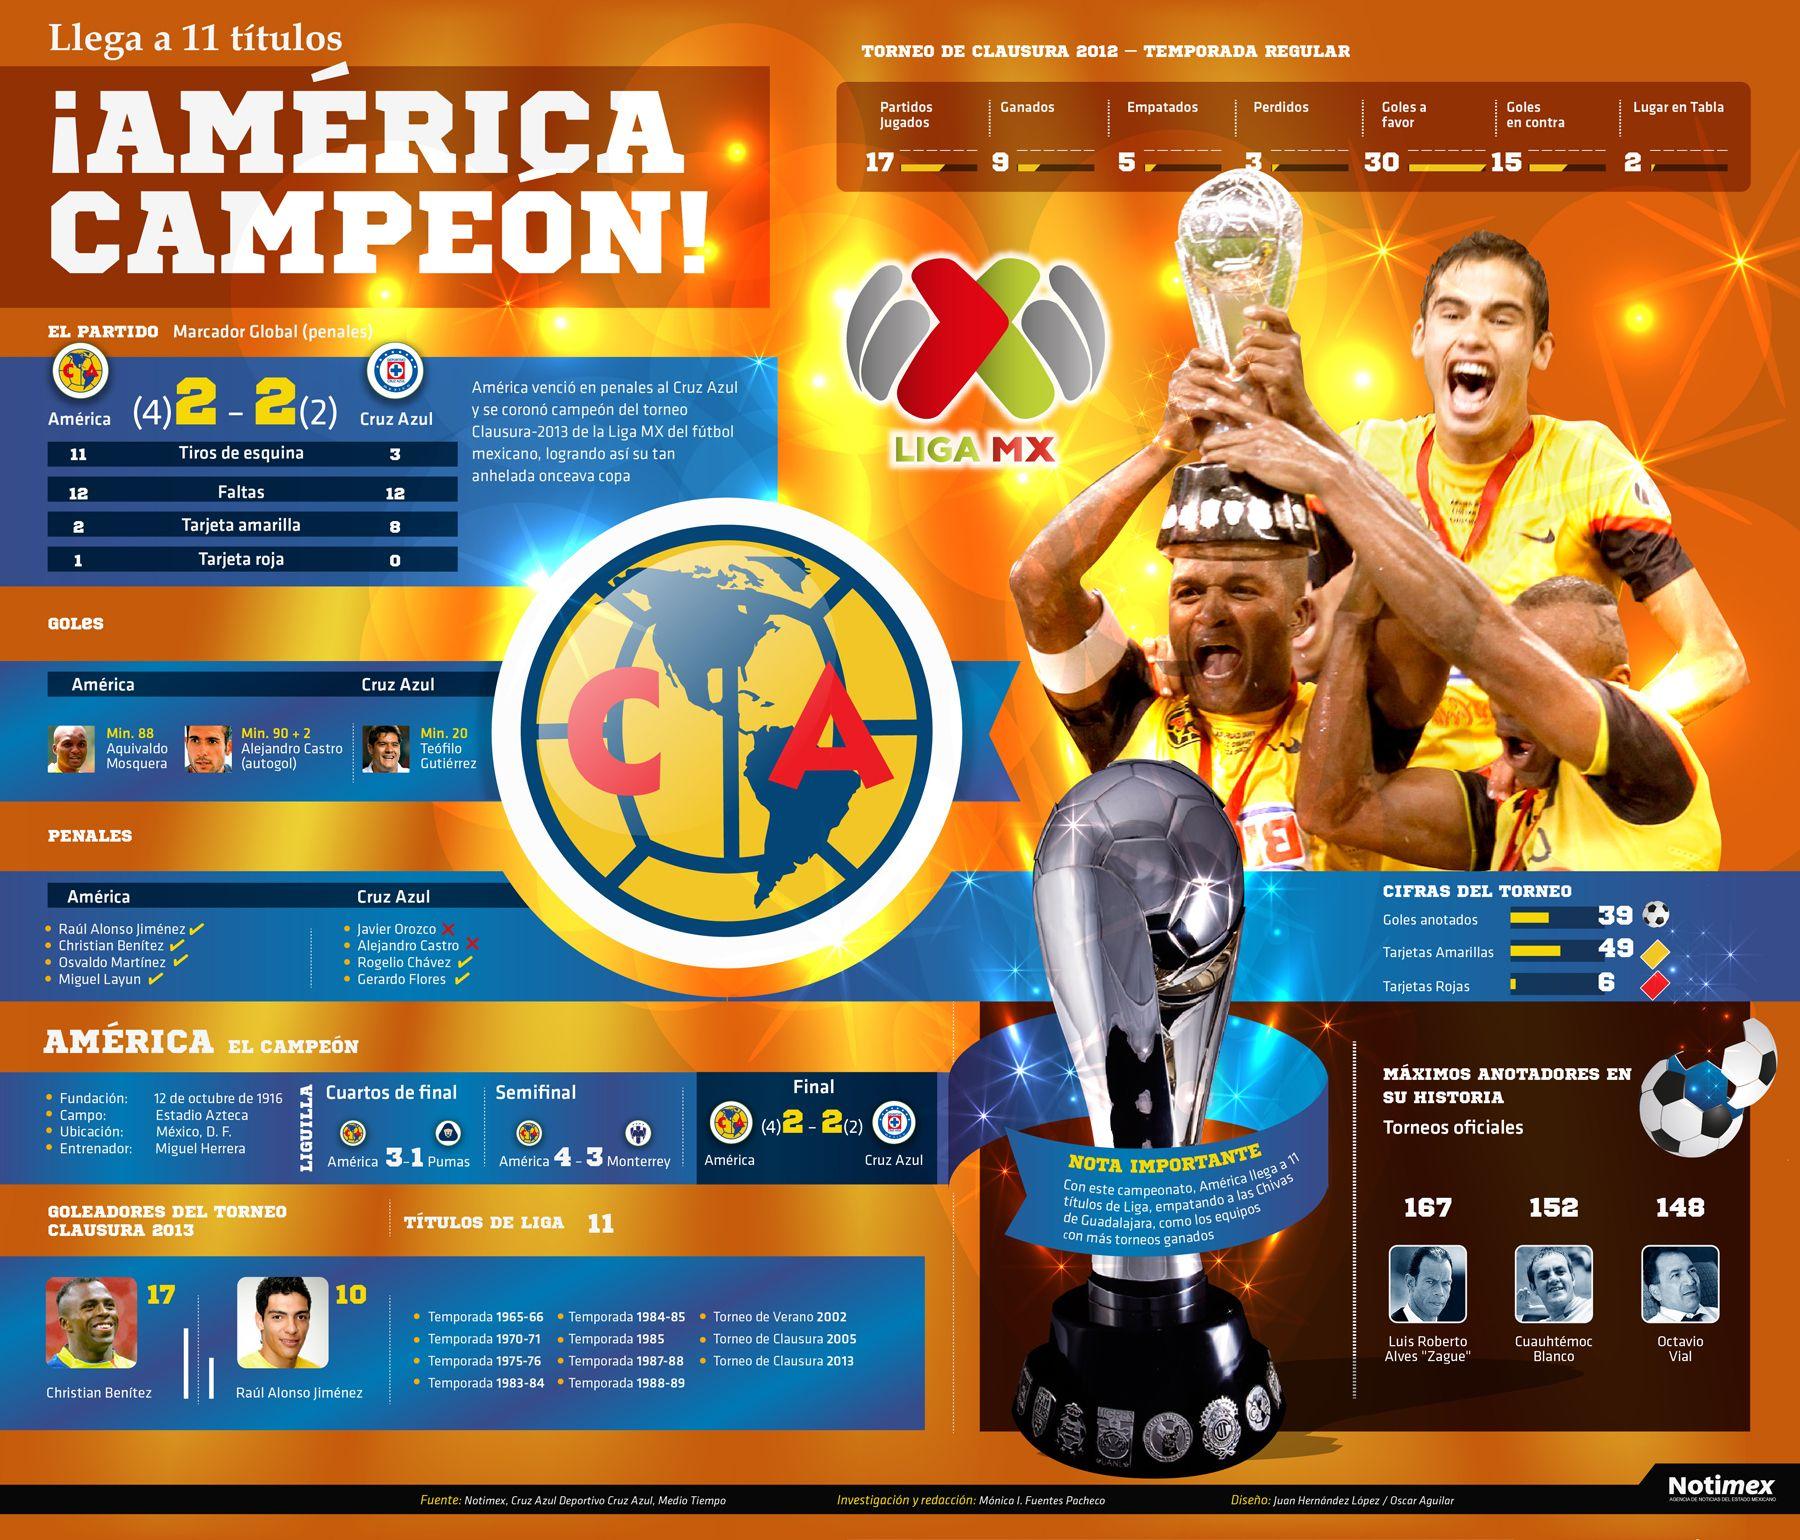 América obtuvo su onceava copa al vencer en penales al Cruz Azul y coronarse campeón del torneo Clausura-2013 de la Liga MX del futbol mexicano.